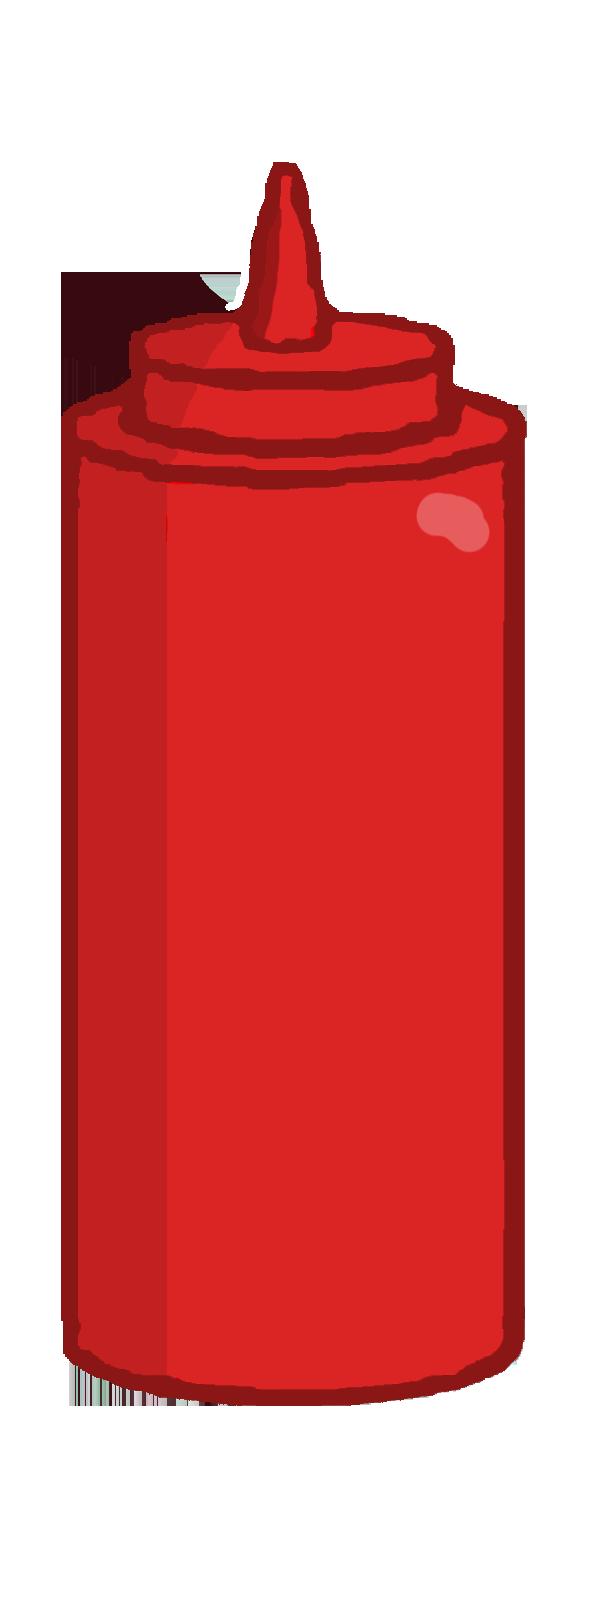 Ketchup bottle png. Free download on mbtskoudsalg